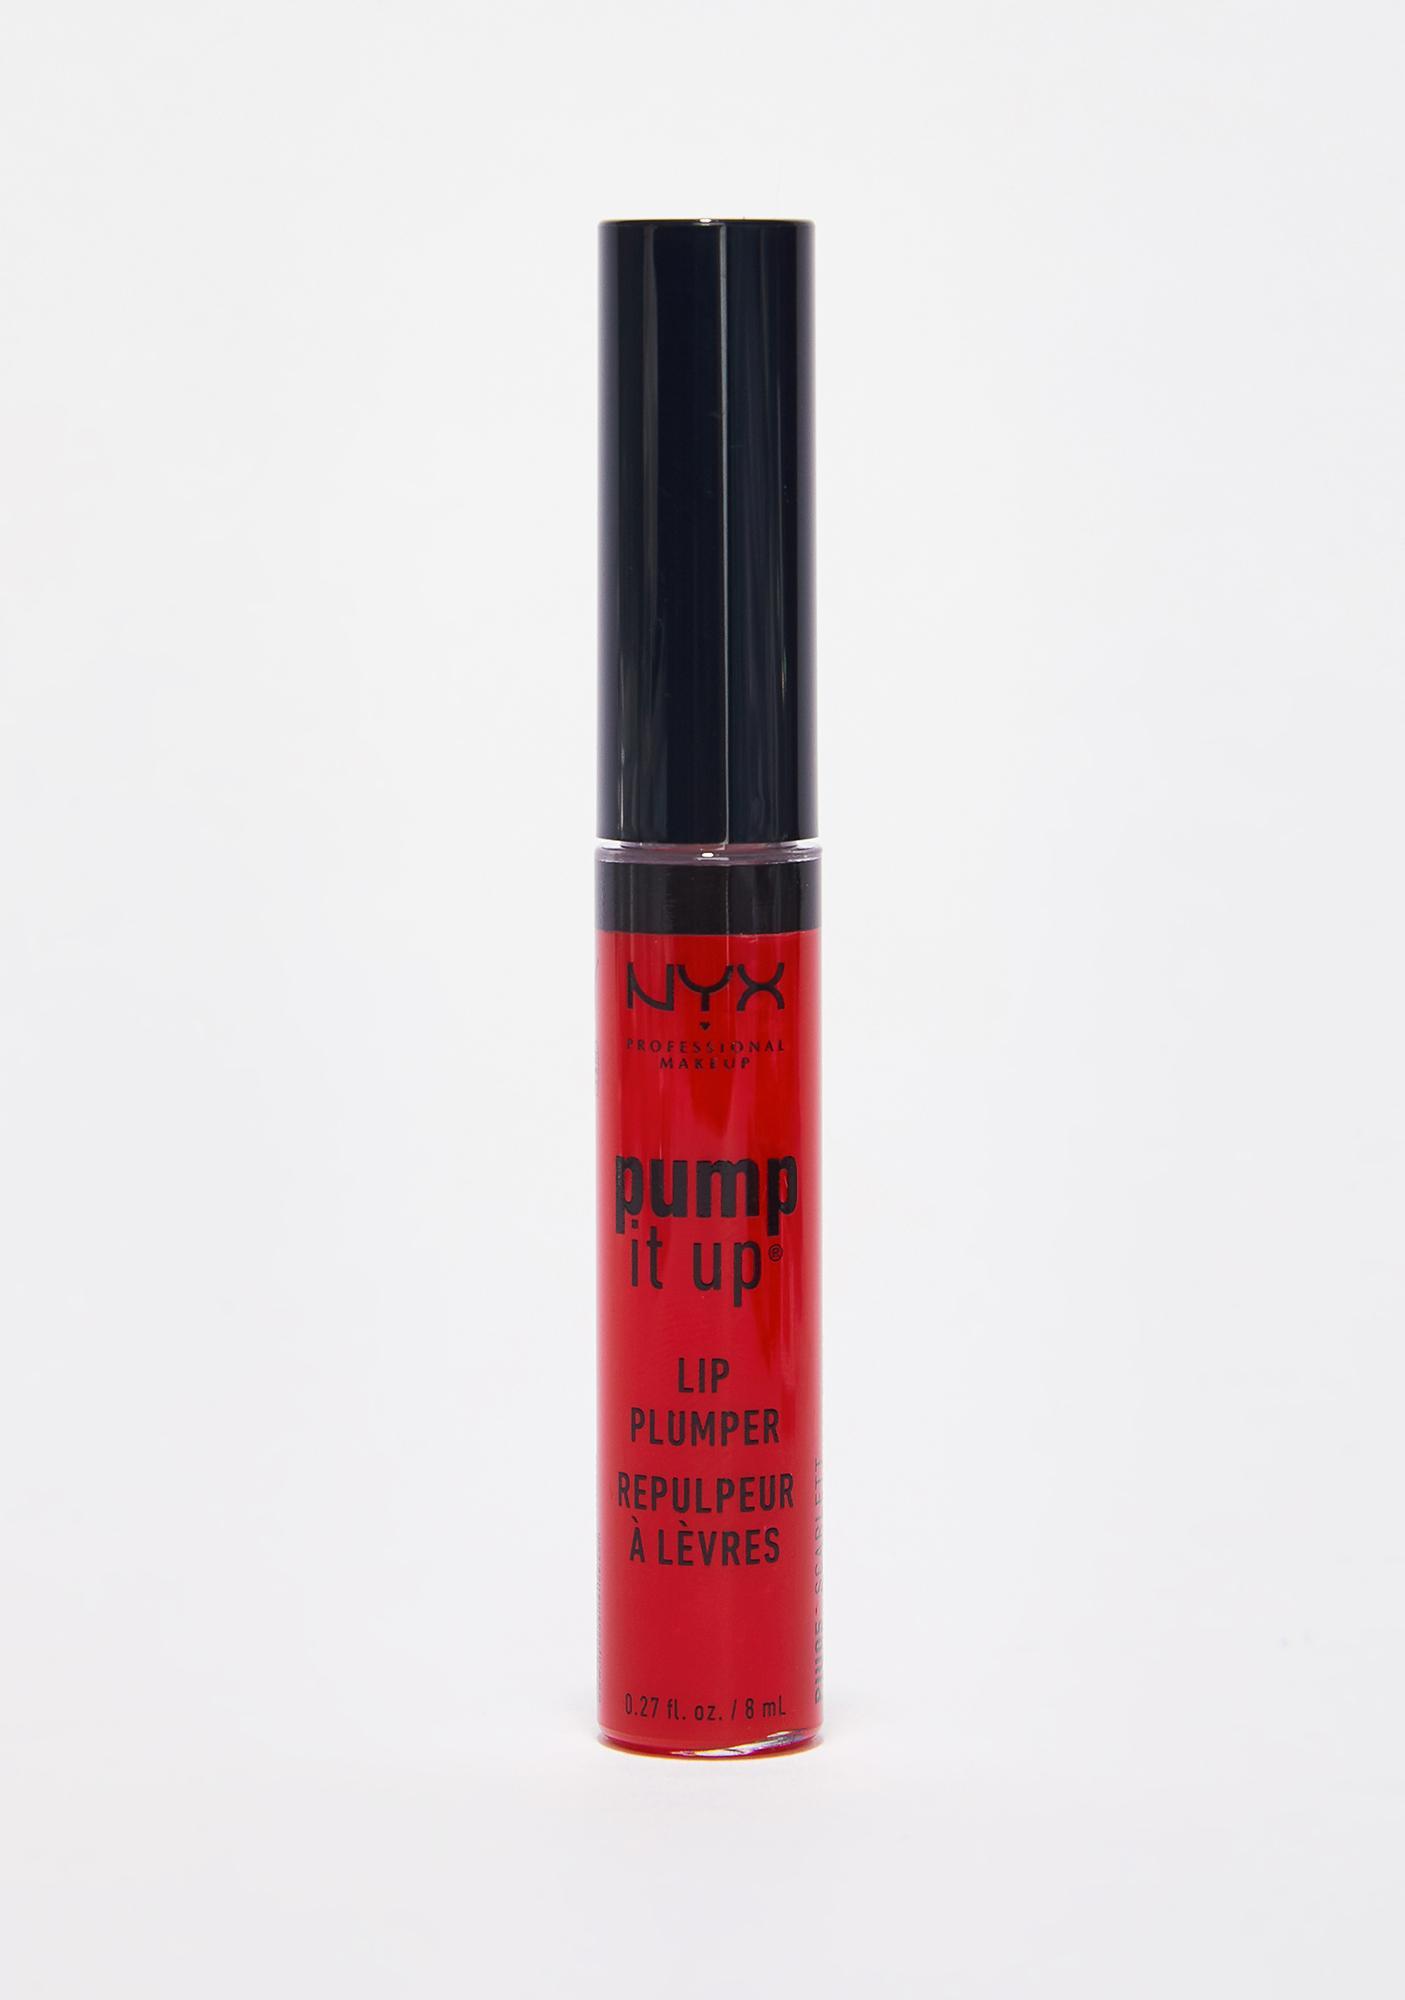 NYX Scarlett Pump It Up Lip Plumper